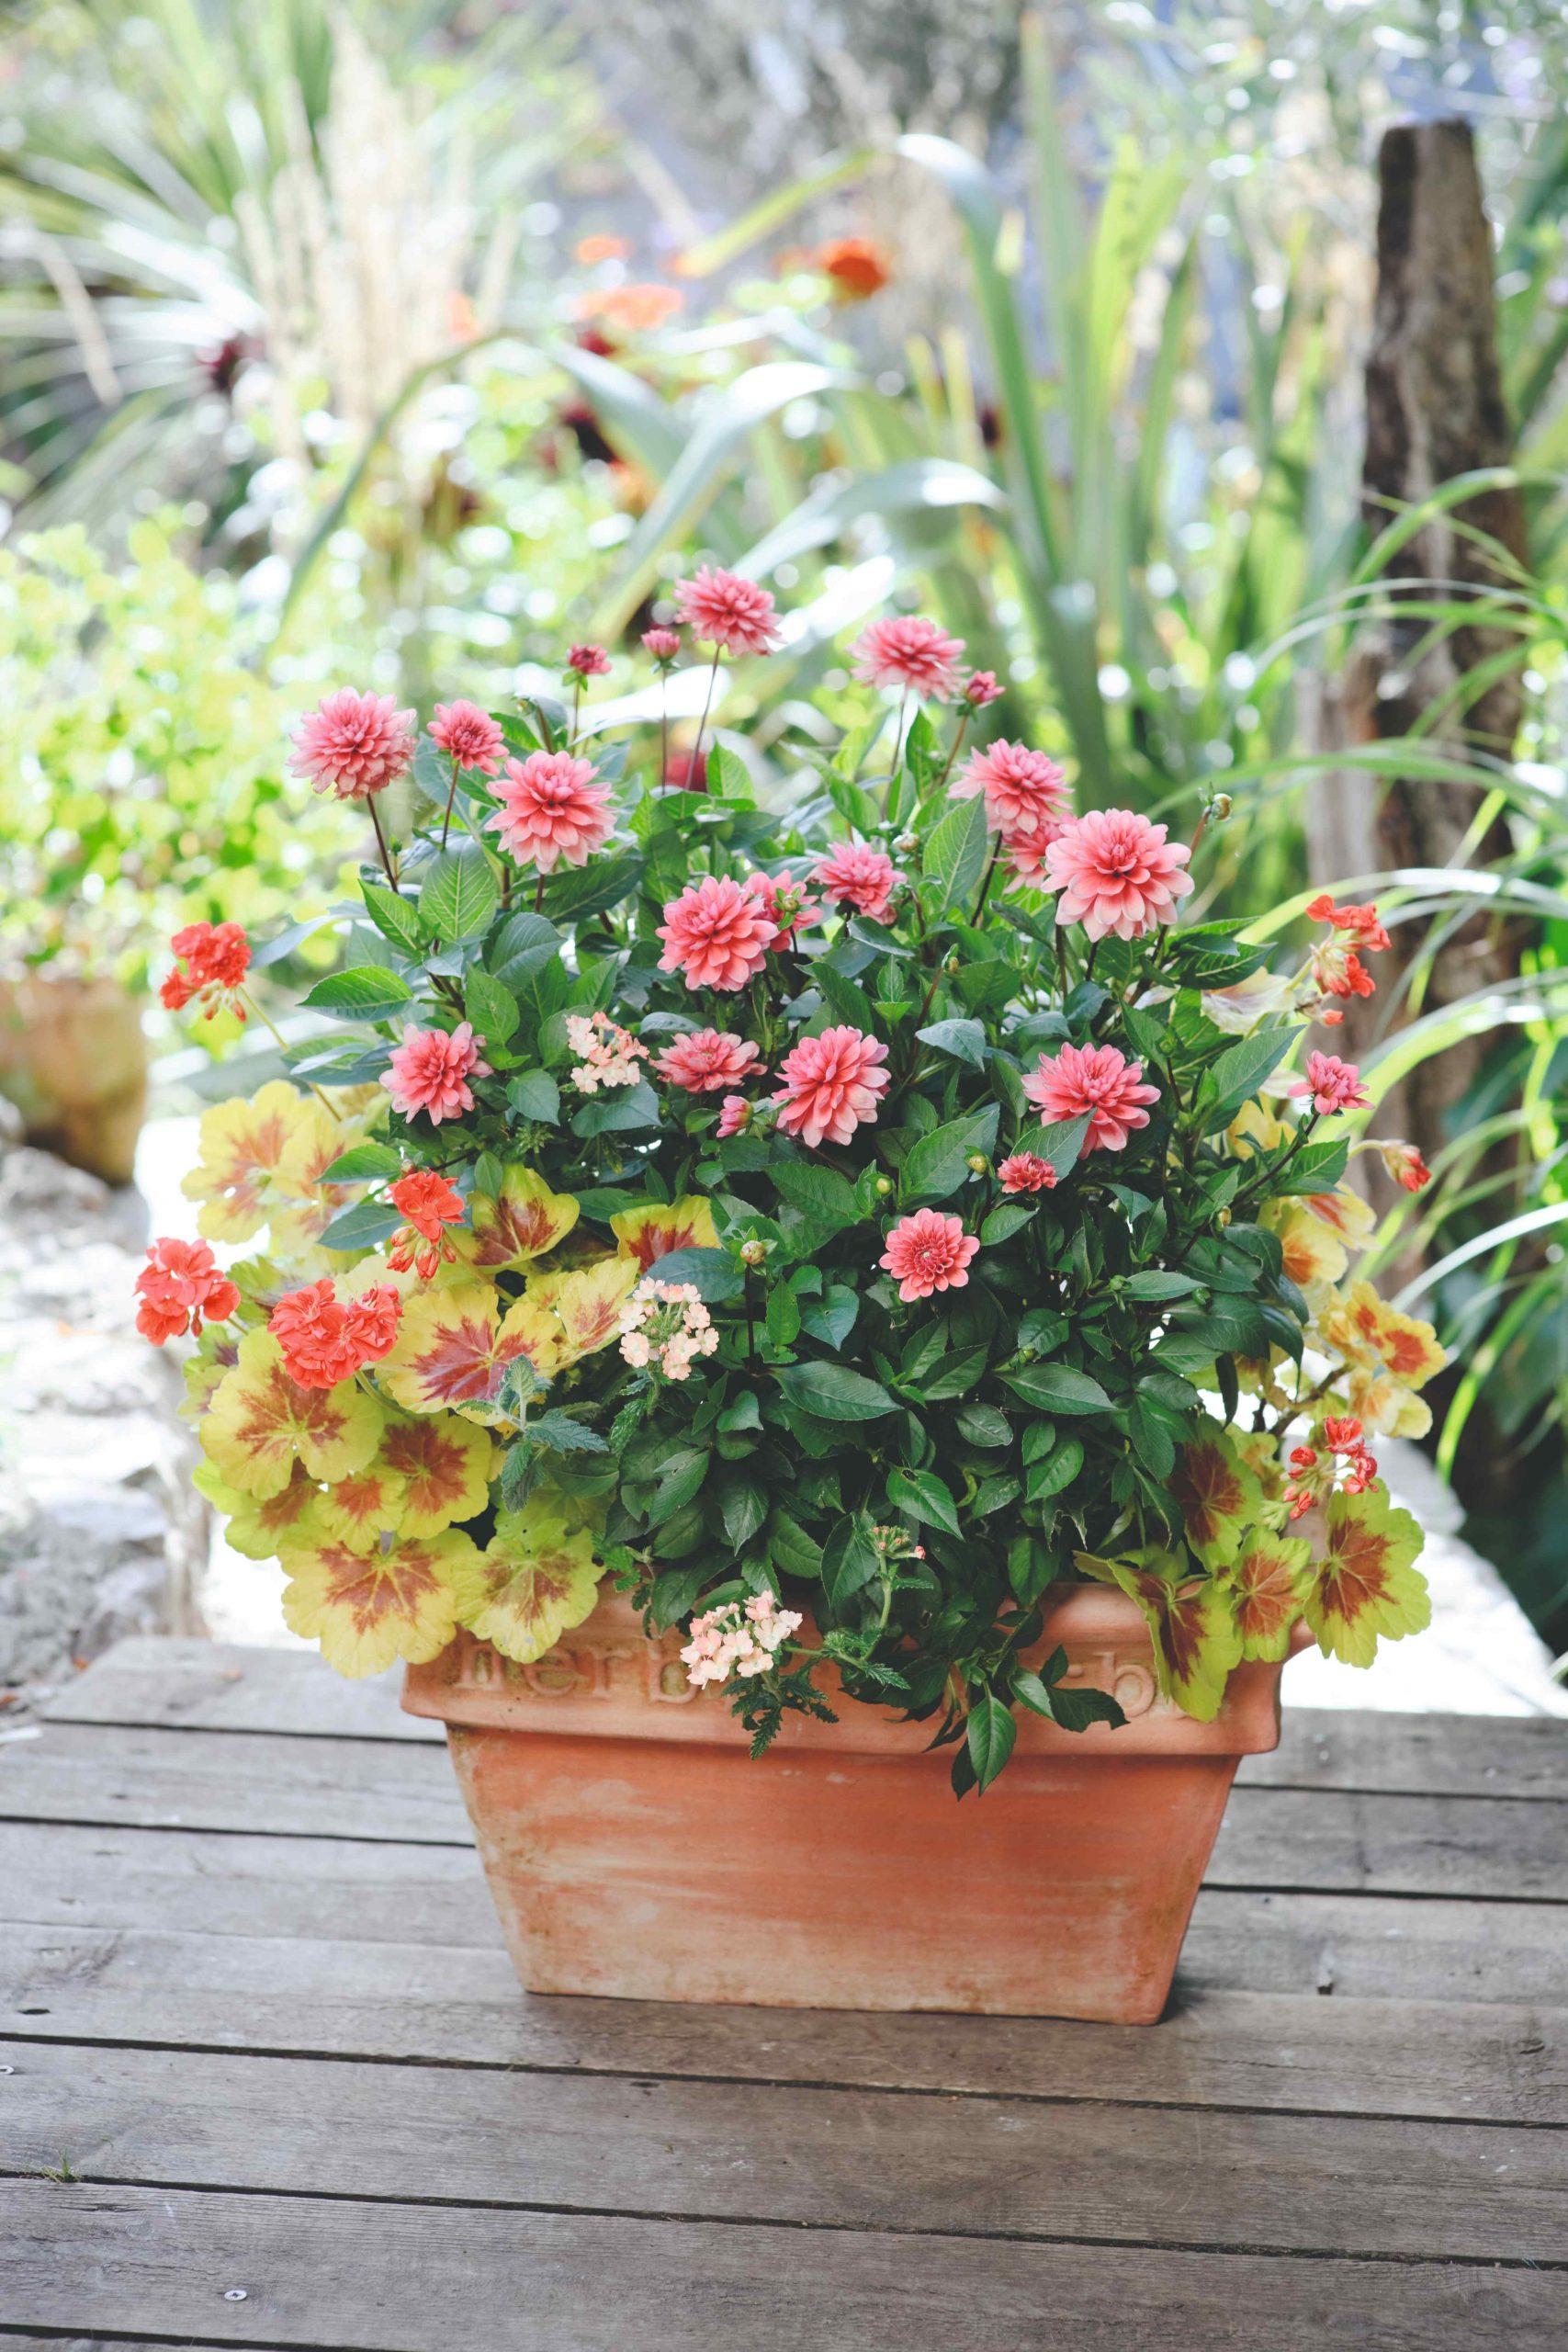 Kvetináč s ružovými kvetmi a zeleňou